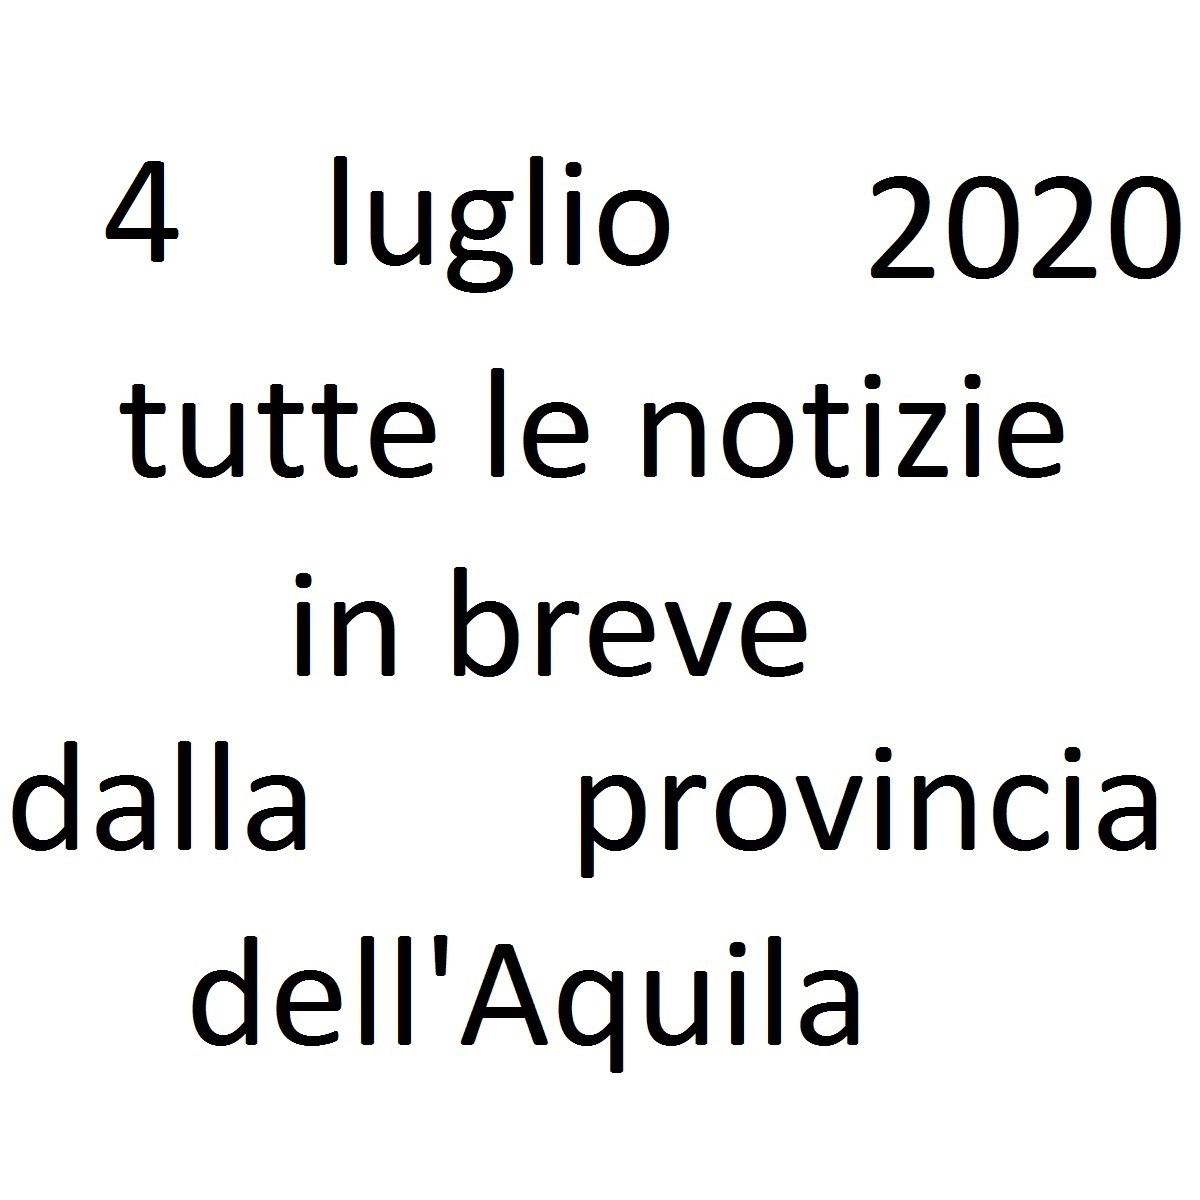 4 luglio 2020 notizie in breve dalla Provincia dell'Aquila foto